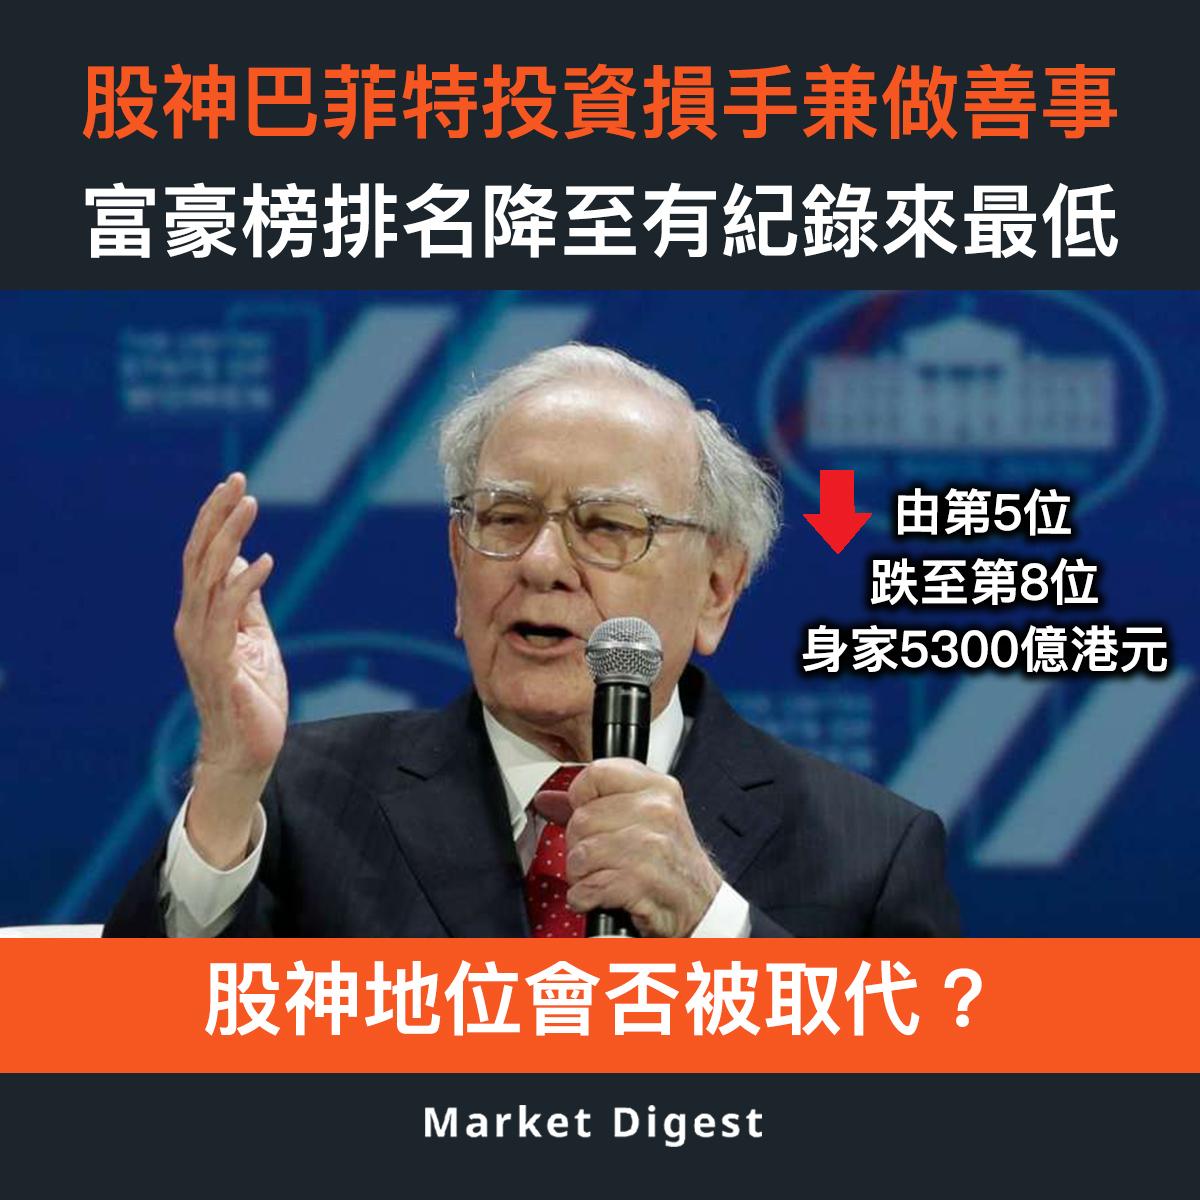 【市場熱話】股神巴菲特投資損手兼做善事,富豪榜排名降至有紀錄來最低